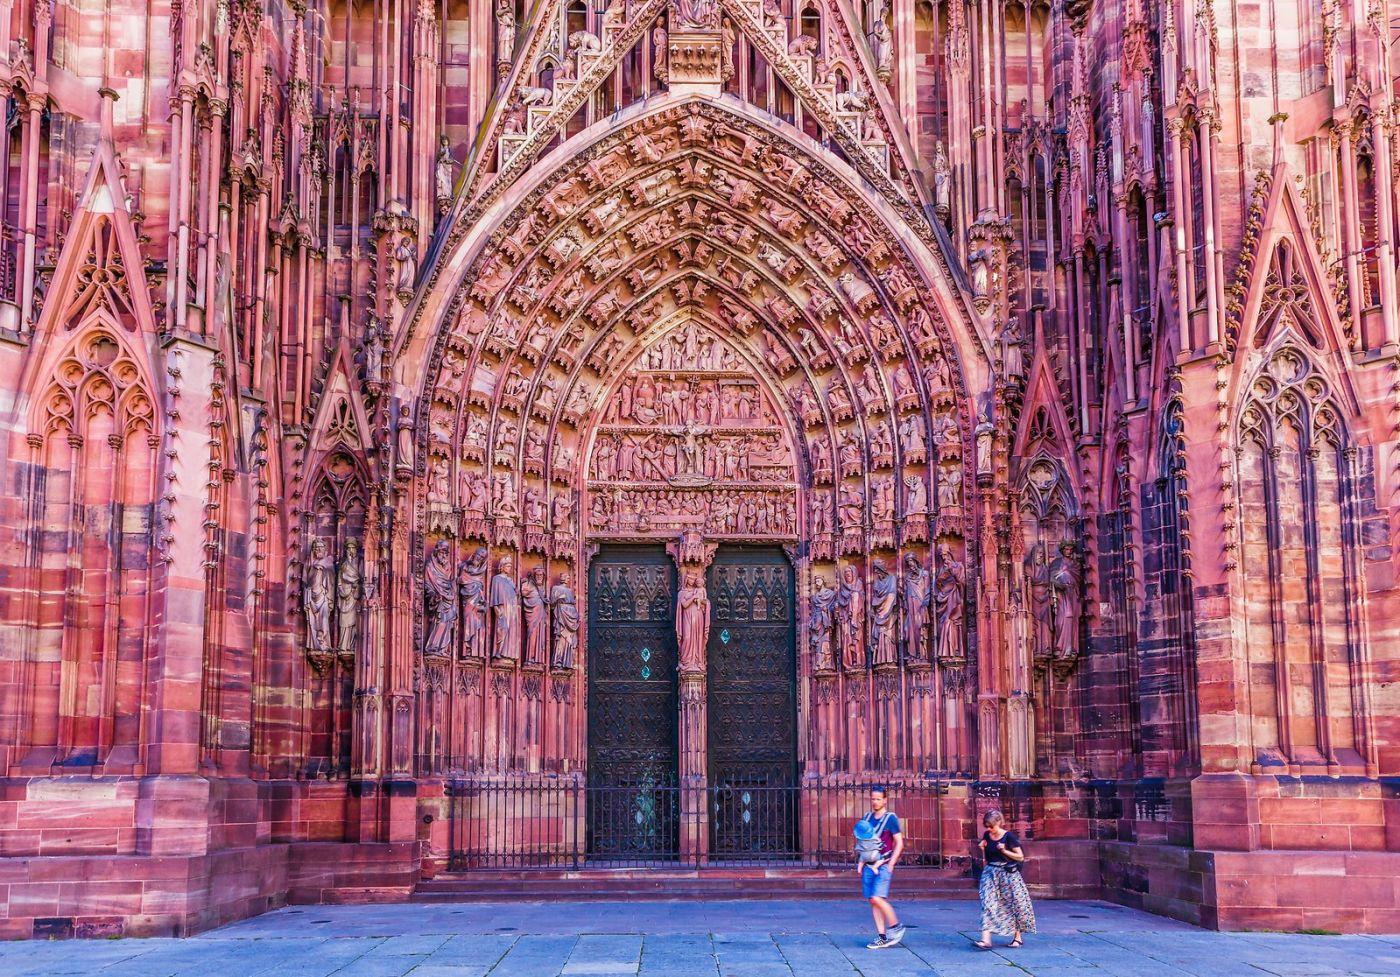 法国斯特拉斯堡(Strasbourg),八百年的主教堂_图1-1